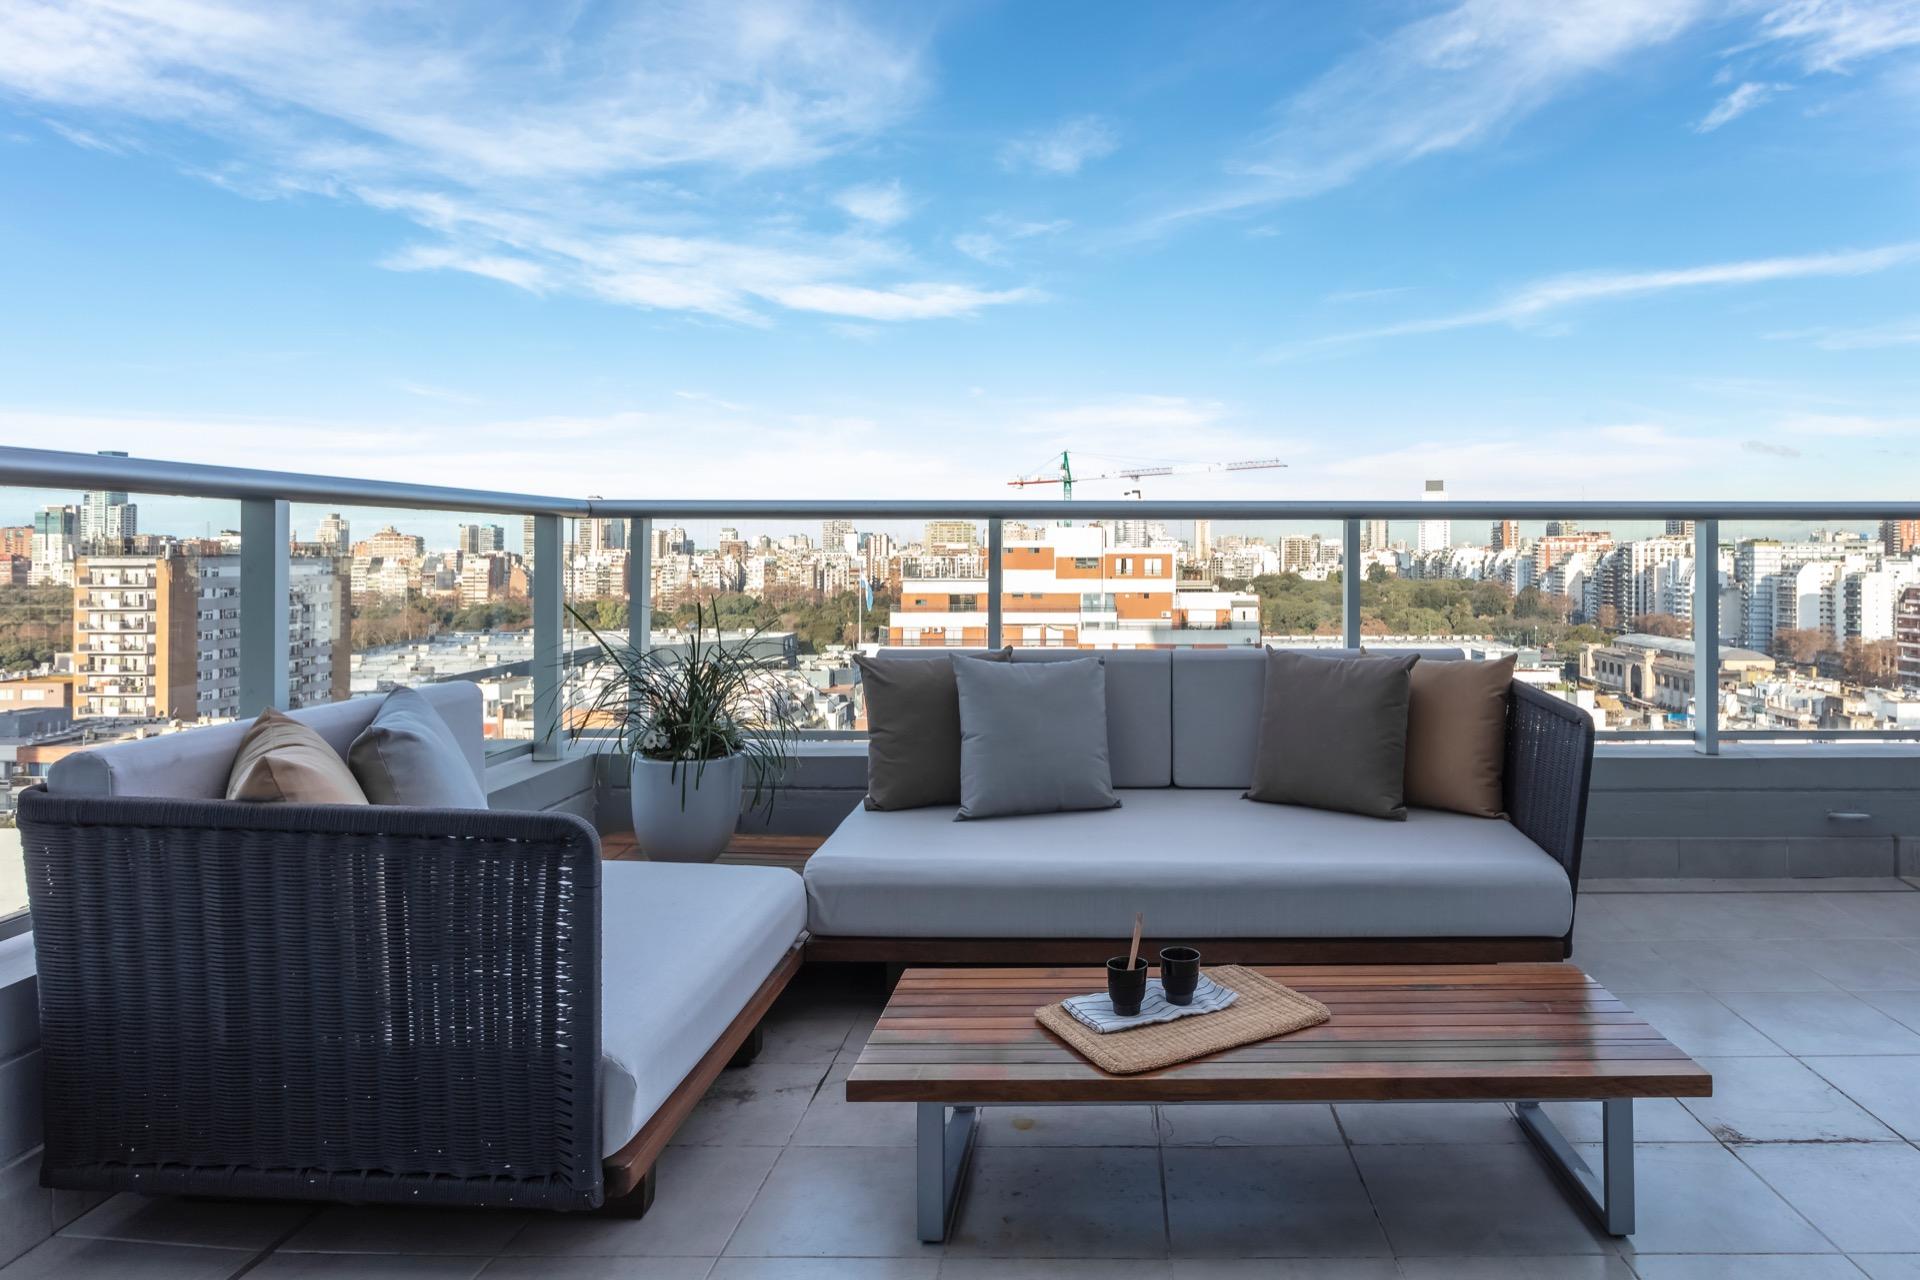 En el balcón terraza se armó un living de exteriores con muebles de diseño contemporáneo.